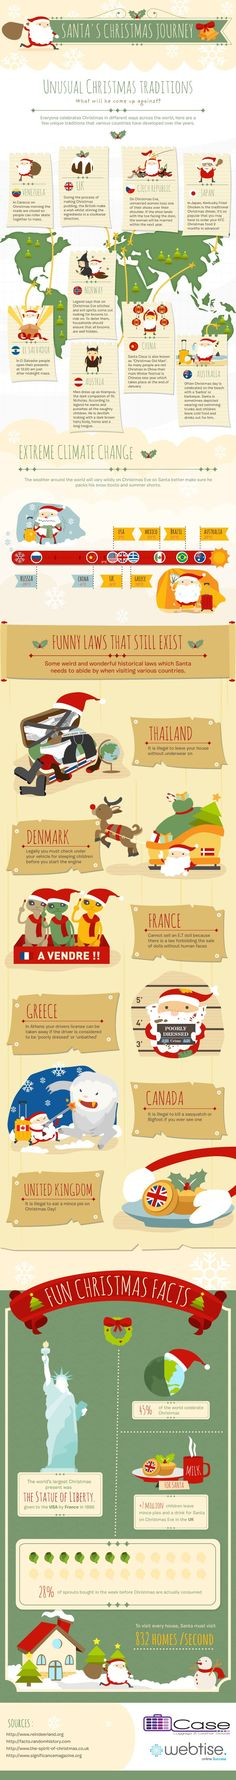 Curiosidades sobre Santa Claus y la Navidad en el mundo - Chilanga Banda #Mexico                                                                                                                                                                                 Más